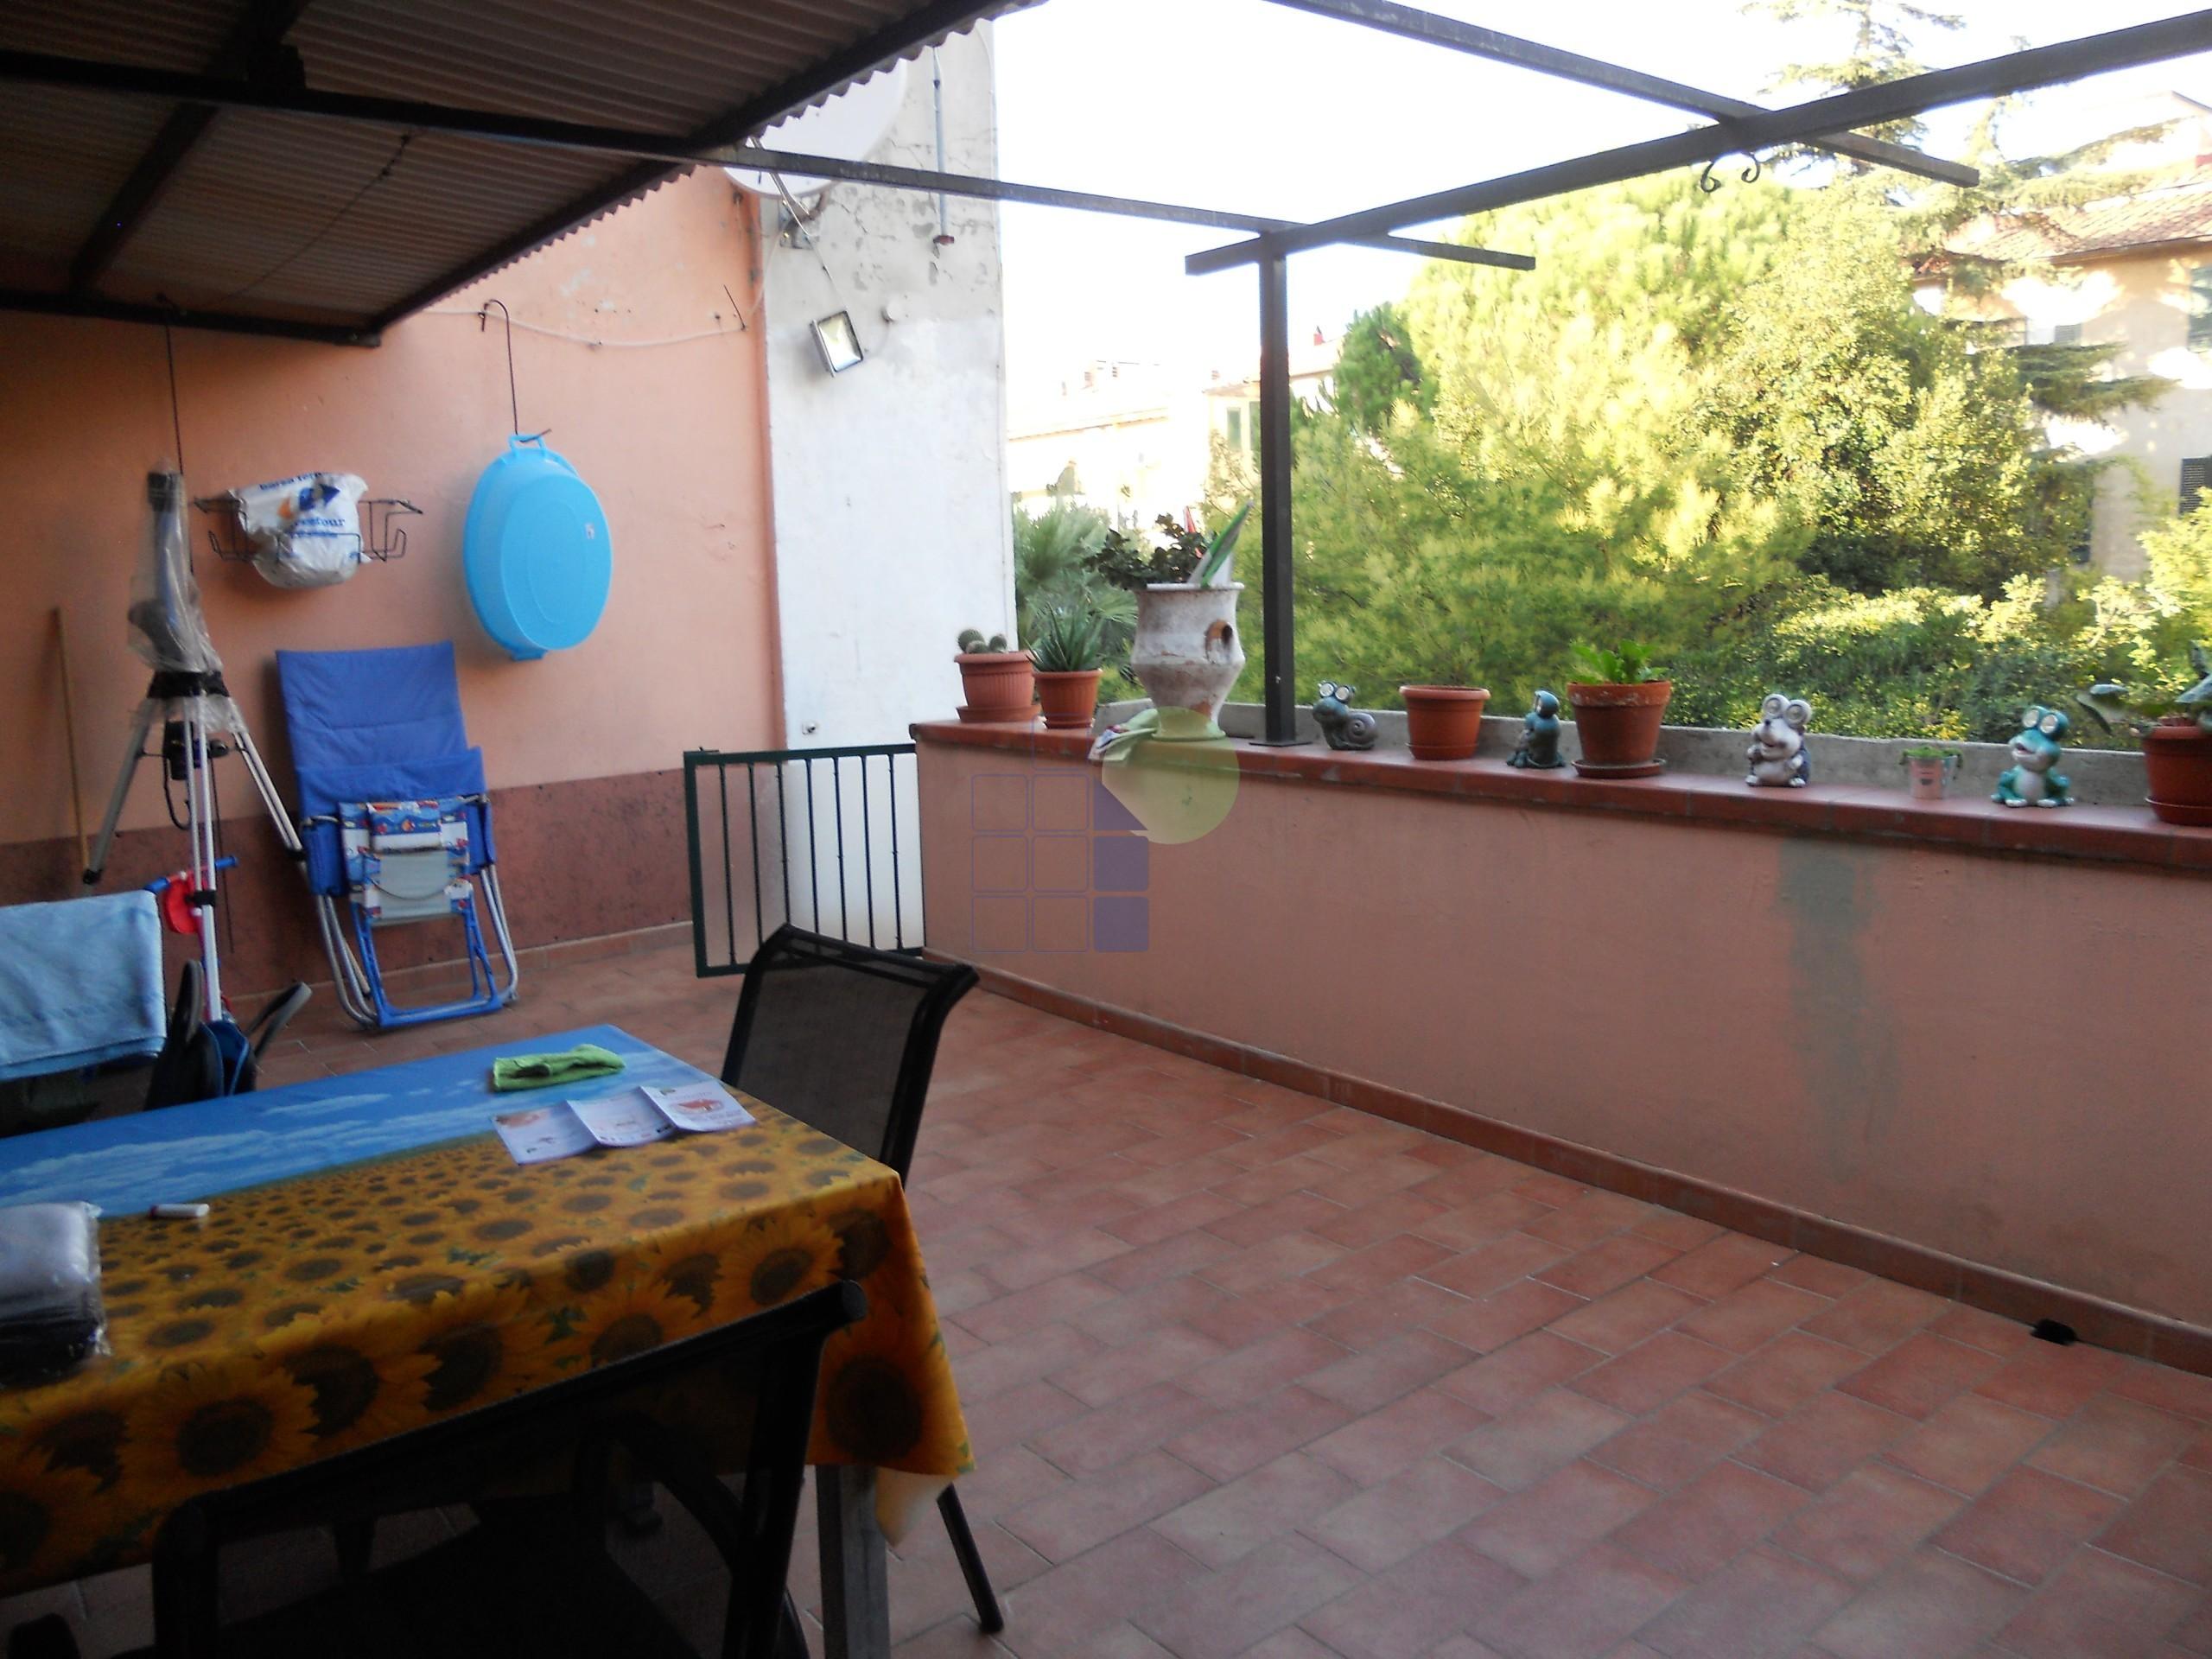 Codice 2269 Appartamento, Oltre 4 locali Vendita a Livorno ...